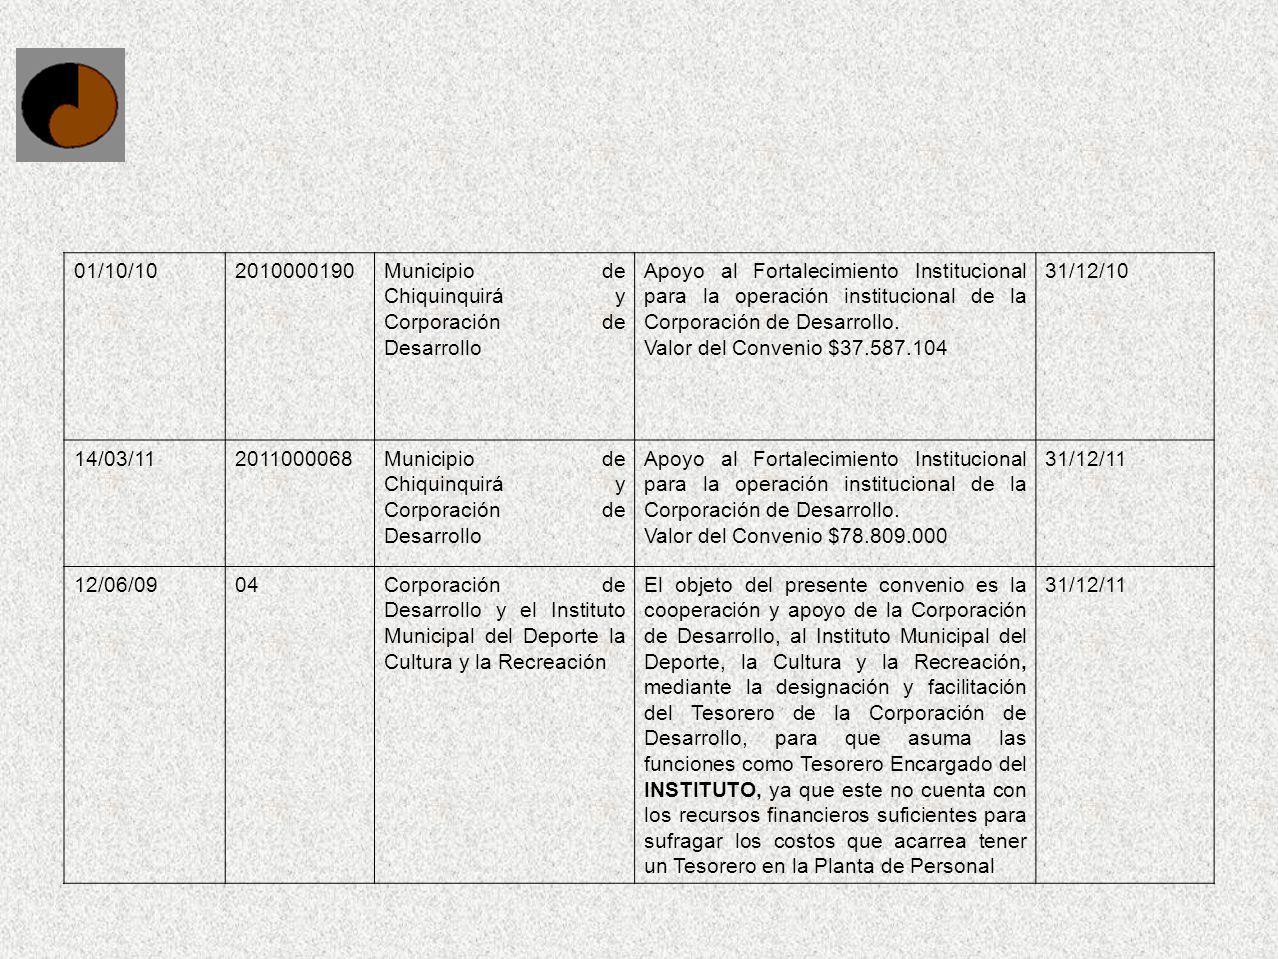 01/10/102010000190Municipio de Chiquinquirá y Corporación de Desarrollo Apoyo al Fortalecimiento Institucional para la operación institucional de la C